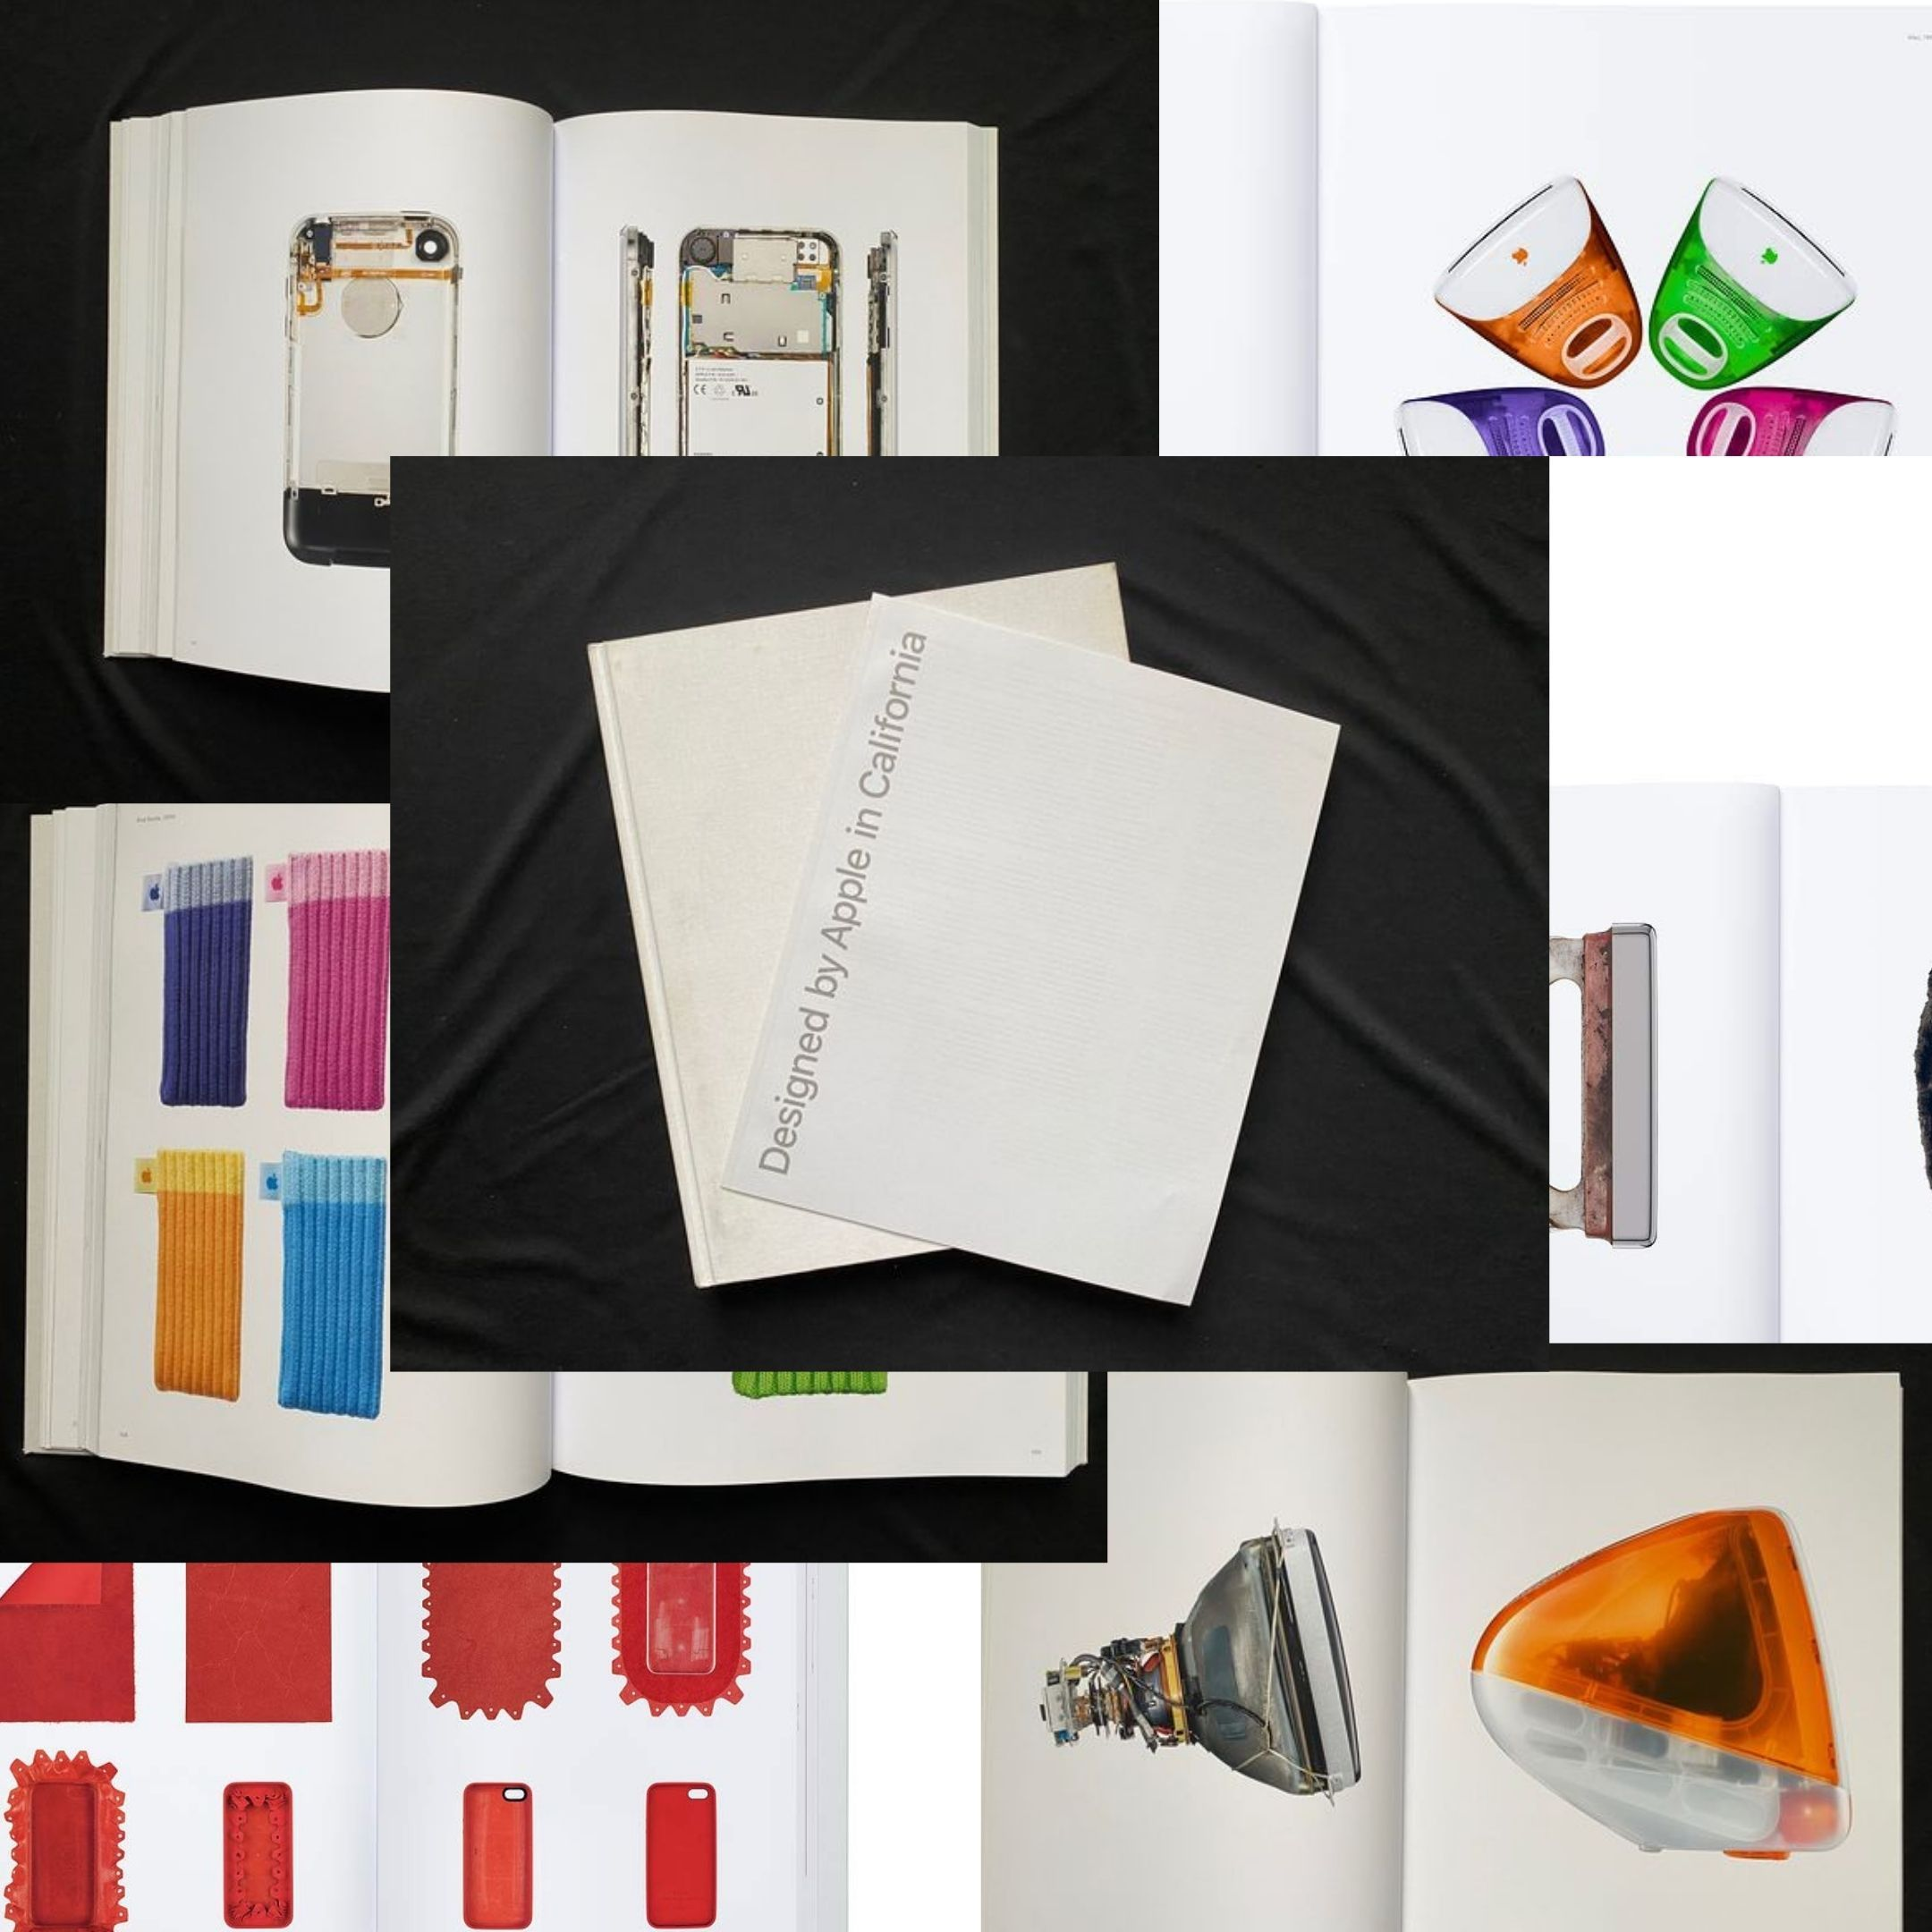 Un libro della Apple del 2016 (introvabile) che è già nella storia del design contemporaneo